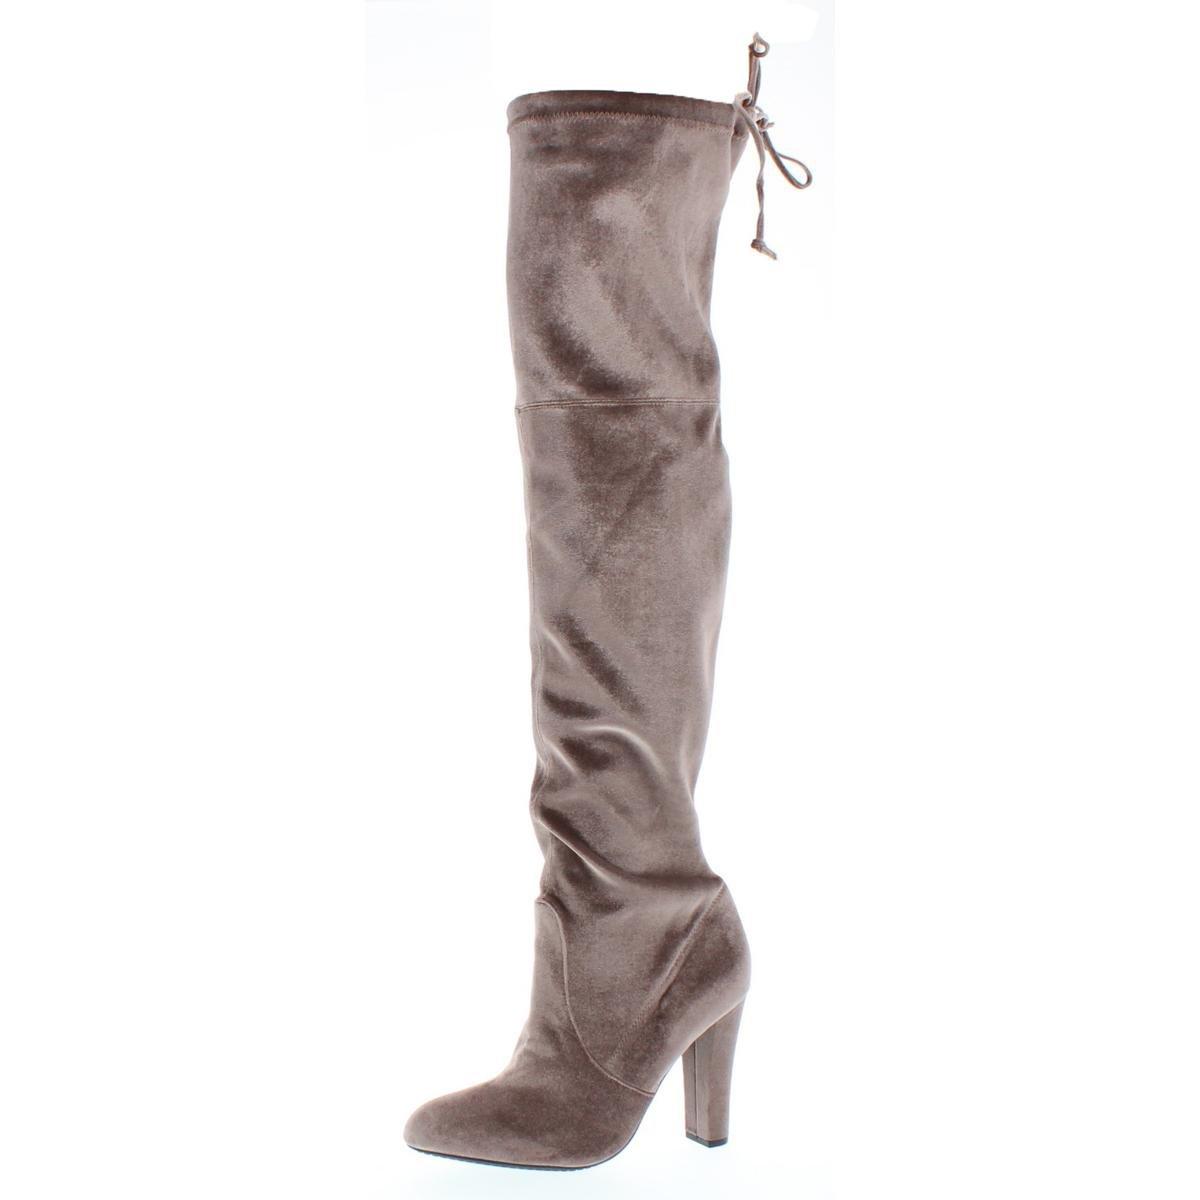 Steve Madden Womens Gorgeous Velvet Over-The-Knee Boots Taupe 9.5 Medium (B,M)